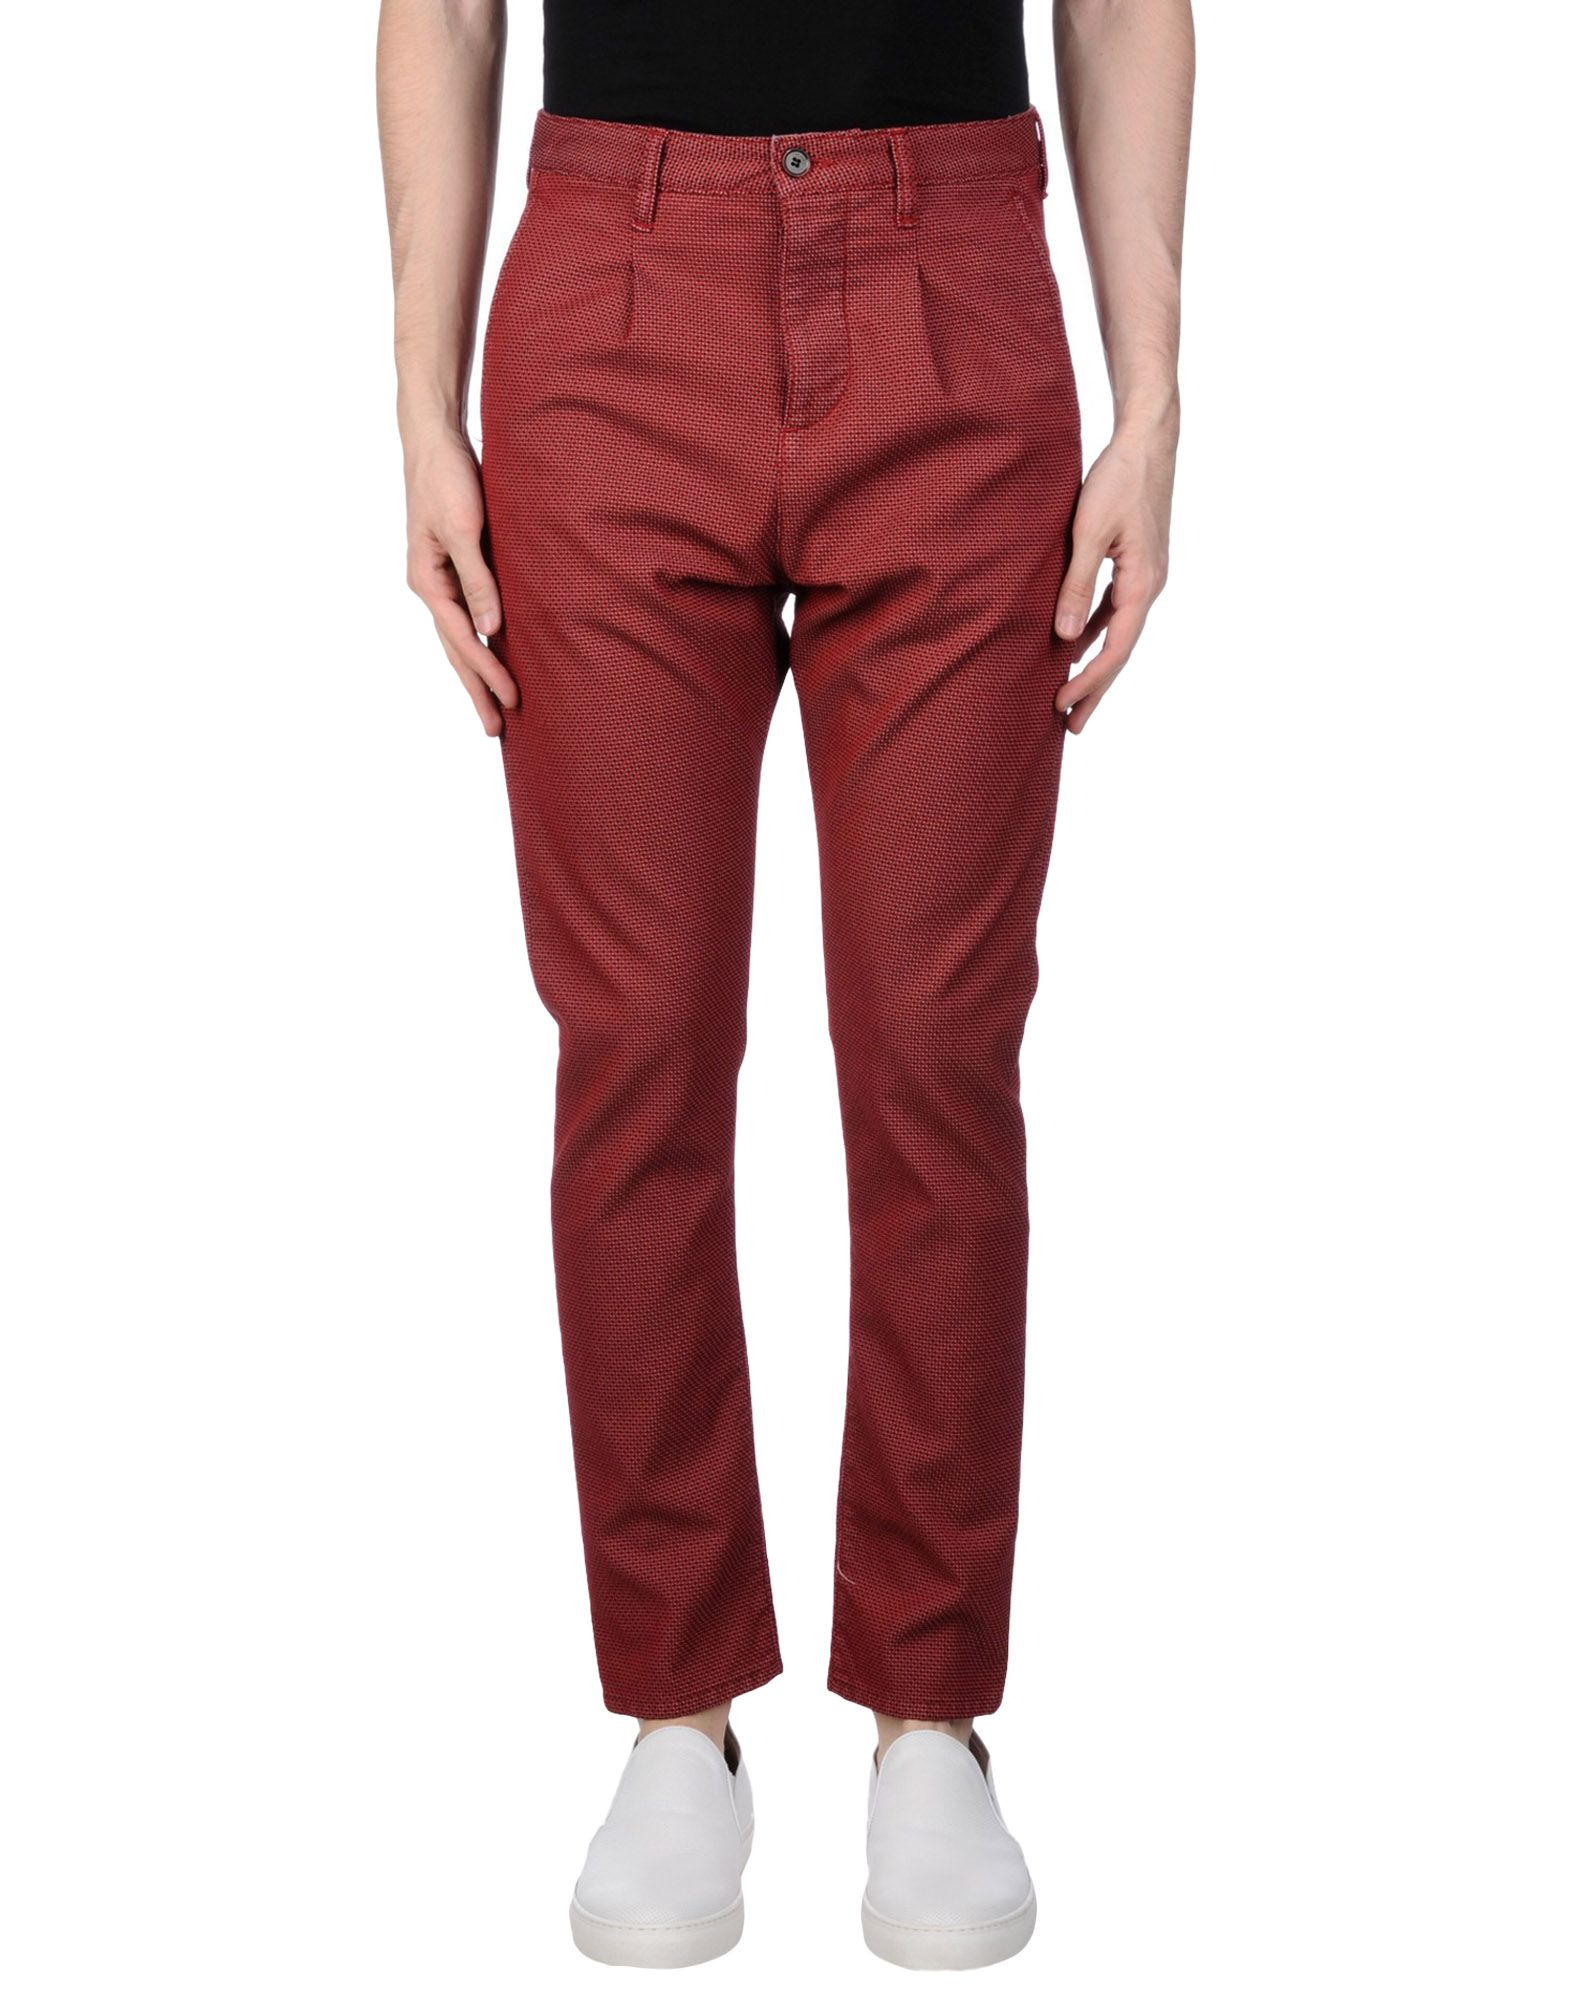 CRUNA Повседневные брюки брюки сноубордические цена 1500